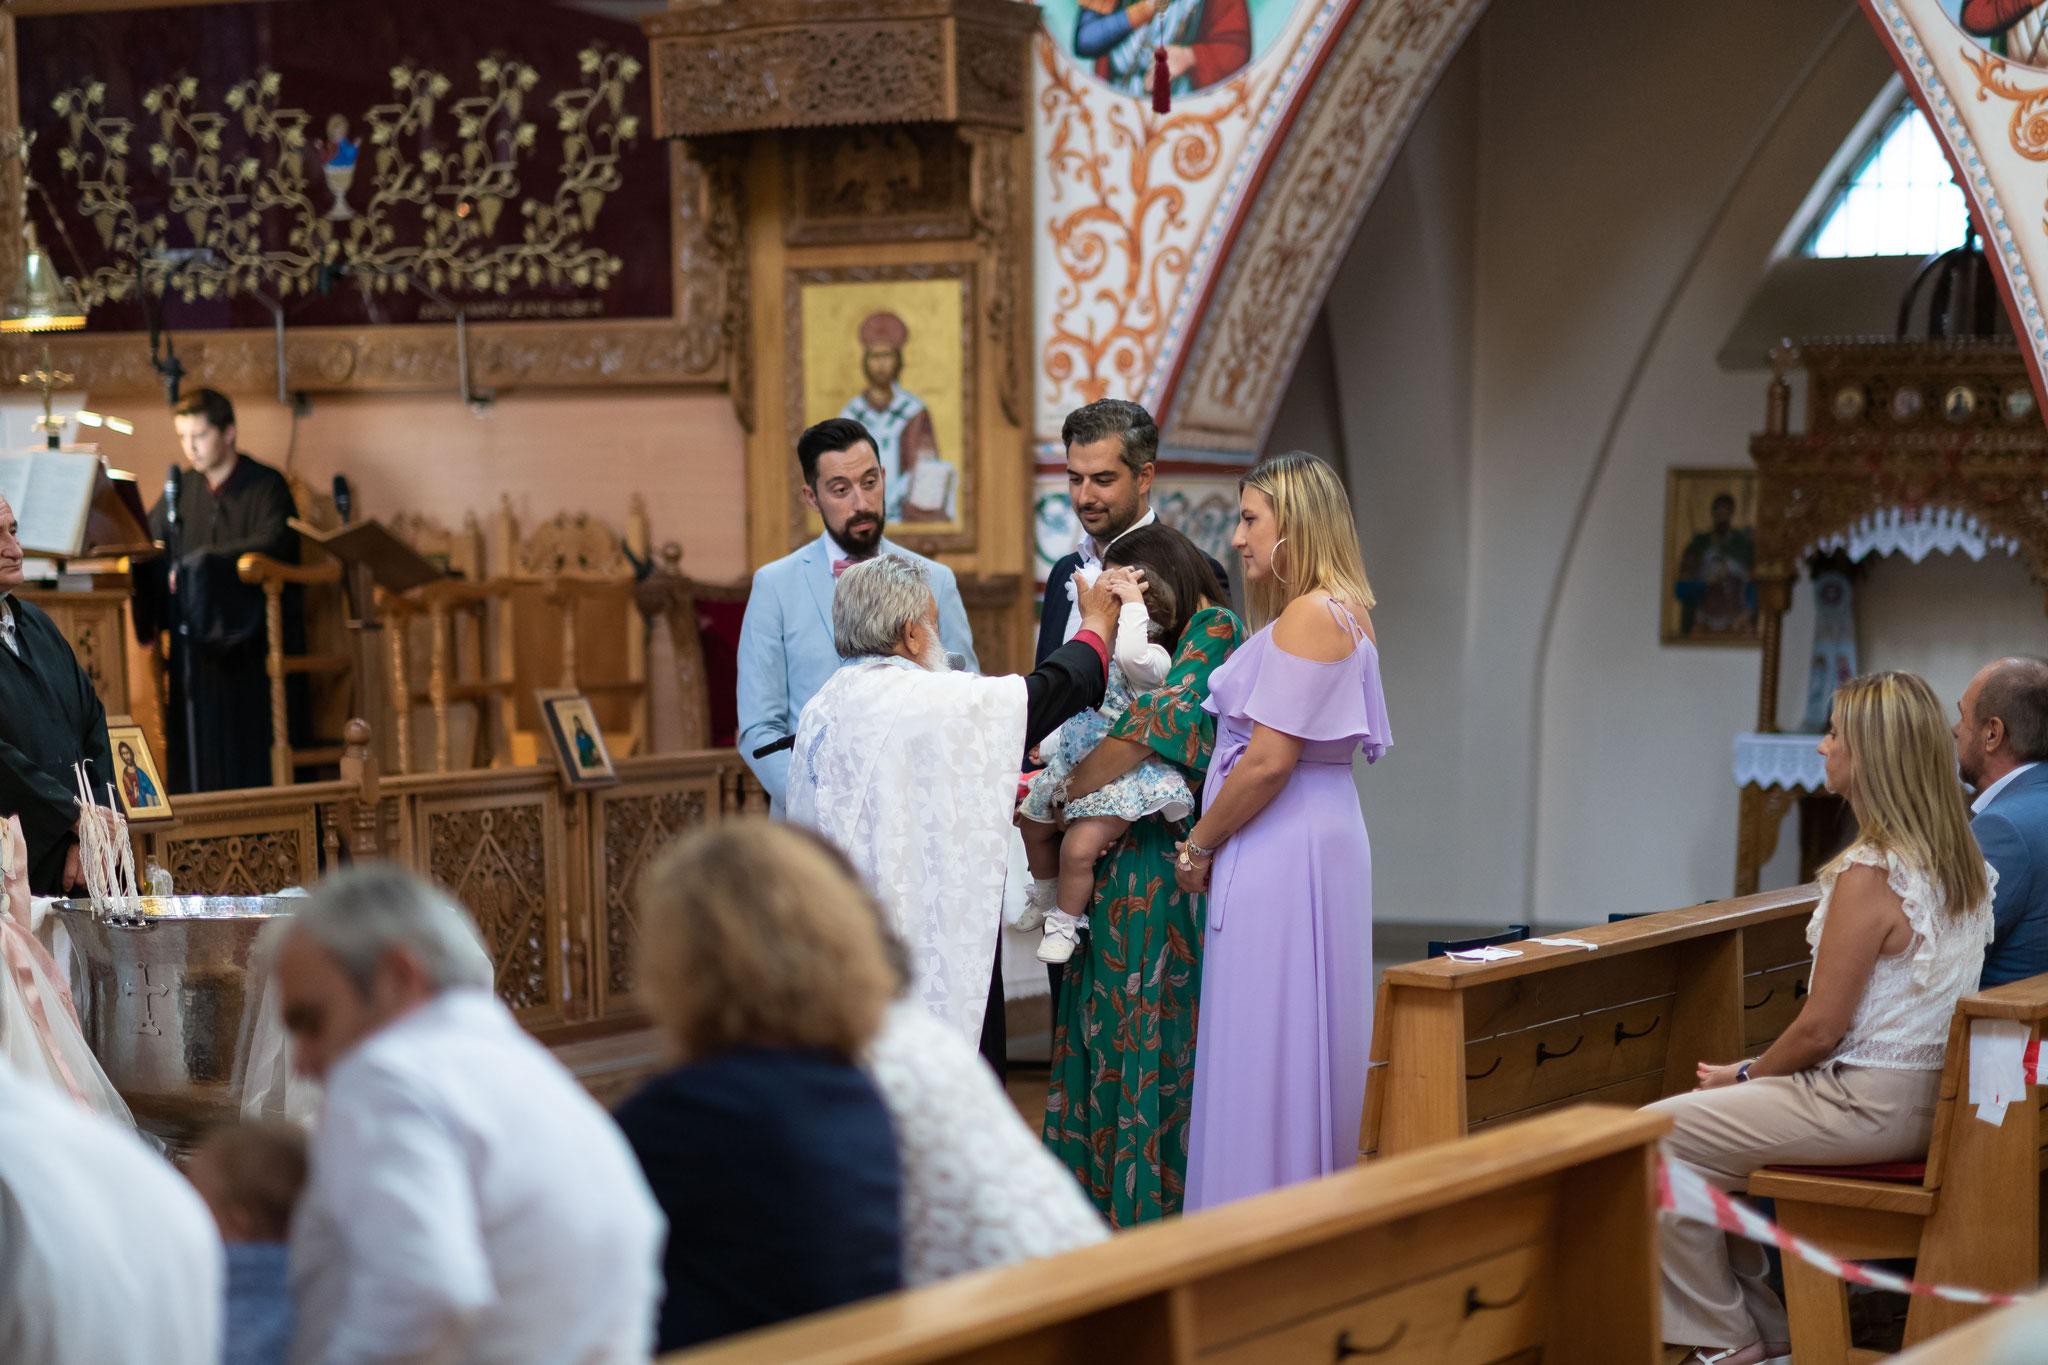 Professioneller Fotograf und Videograf für wunderschöne Momente der Taufe Ihres Kindes in Ludwigshafen und Umgebung